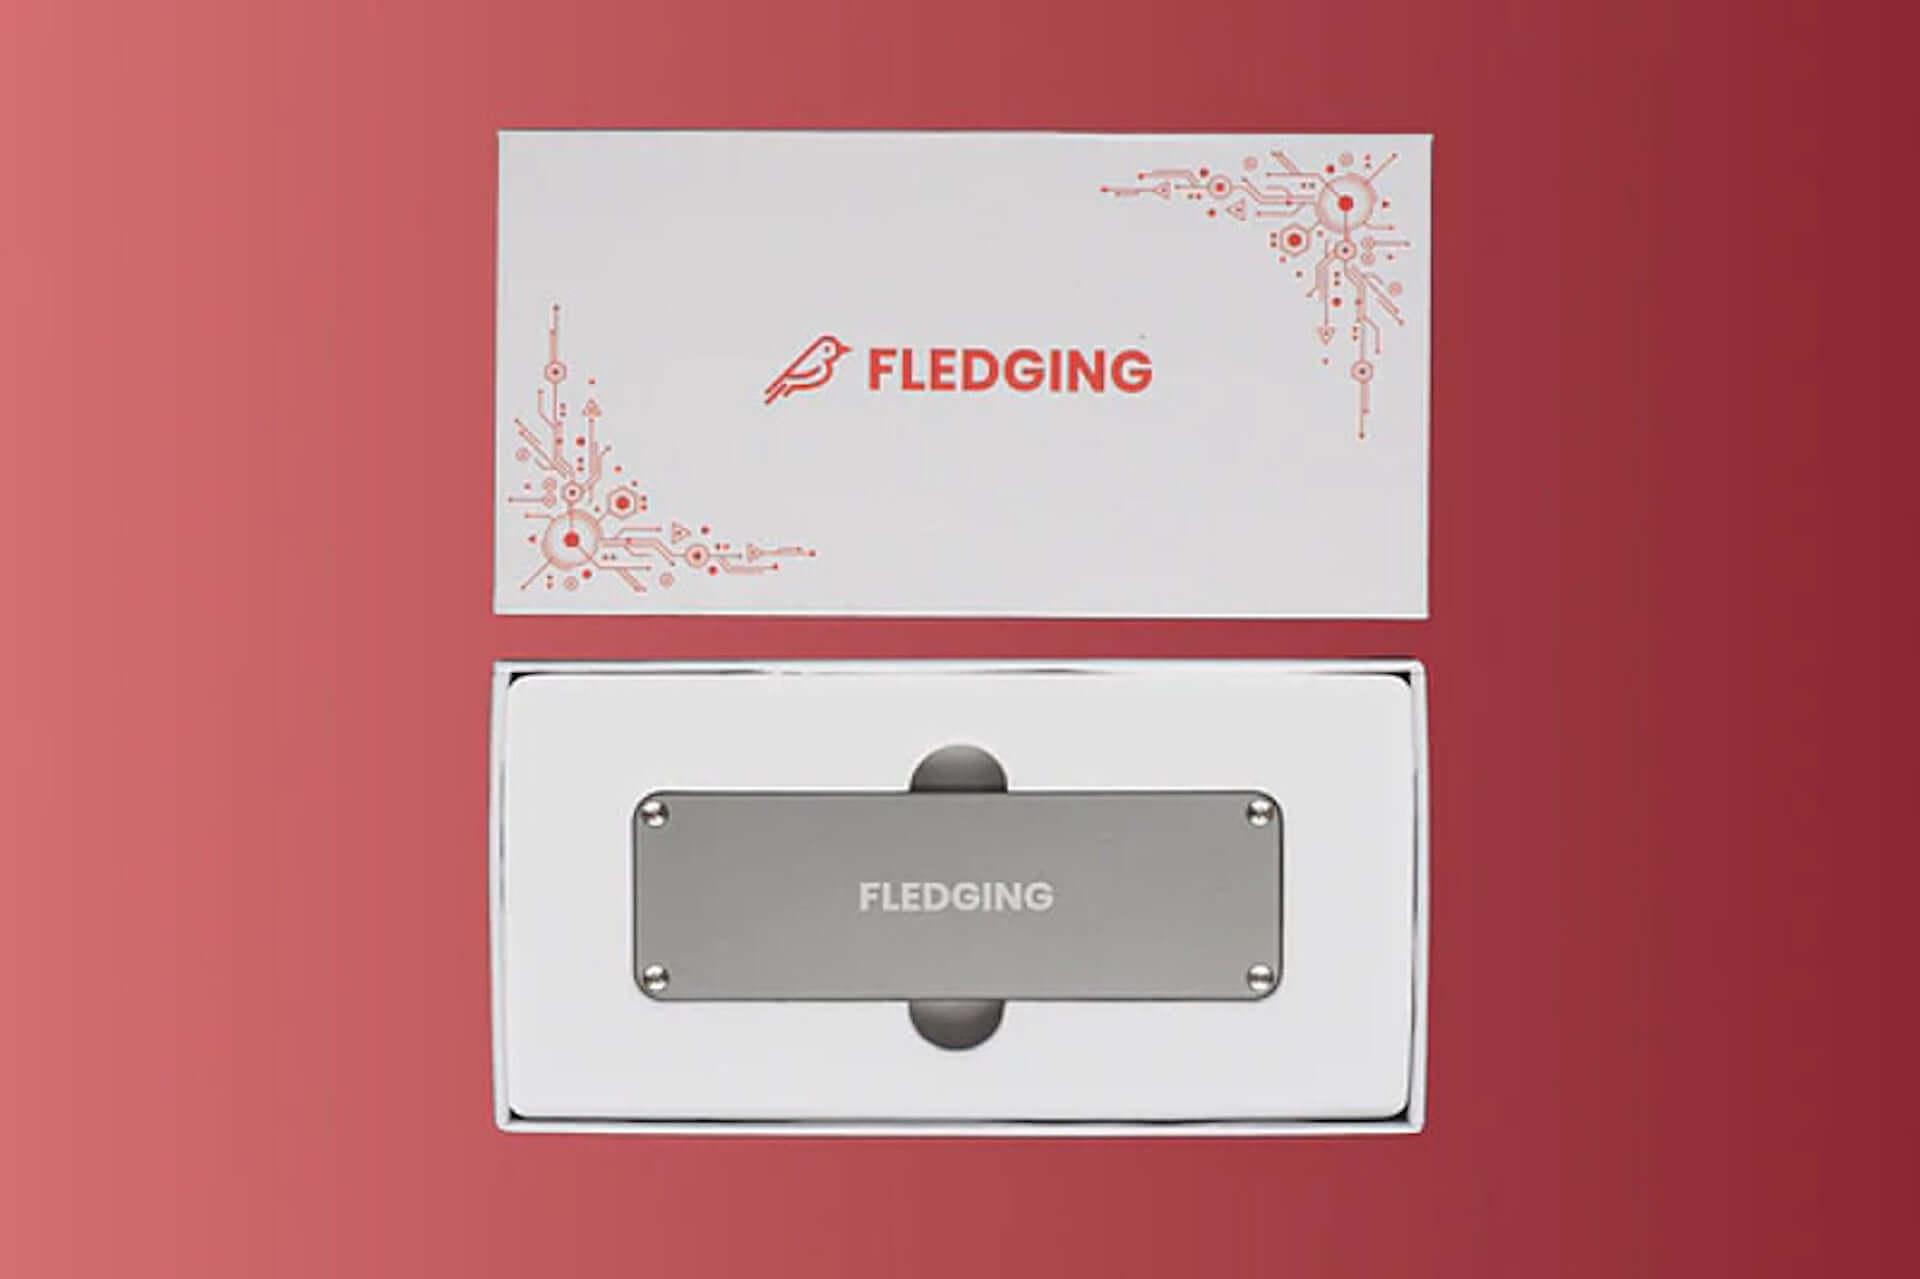 USBポートのあるすべての端末と接続可能!世界最速の外部ストレージデバイス「FLEDGING SHELL」がGLOTUREに登場 tech190910_fledgingshell_6-1920x1279